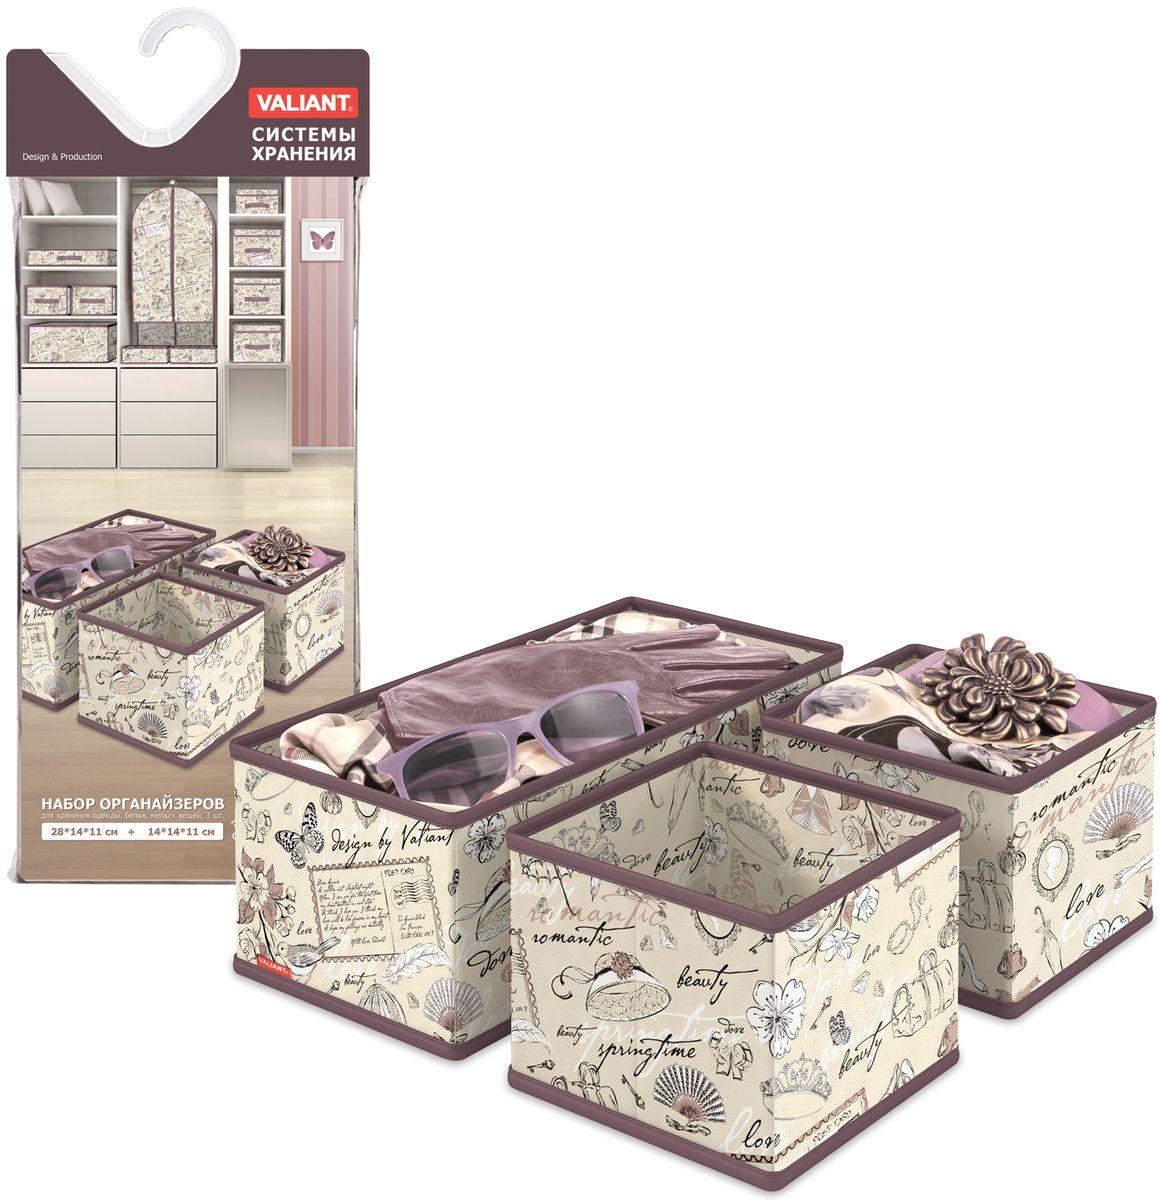 Набор органайзеров Valiant Romantic, 3 штБрелок для ключейНабор Valiant Romantic состоит из трех органайзеров для хранения аксессуаров. Изделия выполнены из высококачественного нетканого материала (спанбонда), который обеспечивает естественную вентиляцию, позволяя воздуху проникать внутрь, но не пропускает пыль. Вставки из плотного картона хорошо держат форму.Система хранения Romantic создаст трогательную атмосферу романтического настроения. Оригинальный дизайн придется по вкусу ценительницам эстетичного хранения. Размер органайзеров: 28 х 14 х 11 см, 14 х 14 х 11 см.